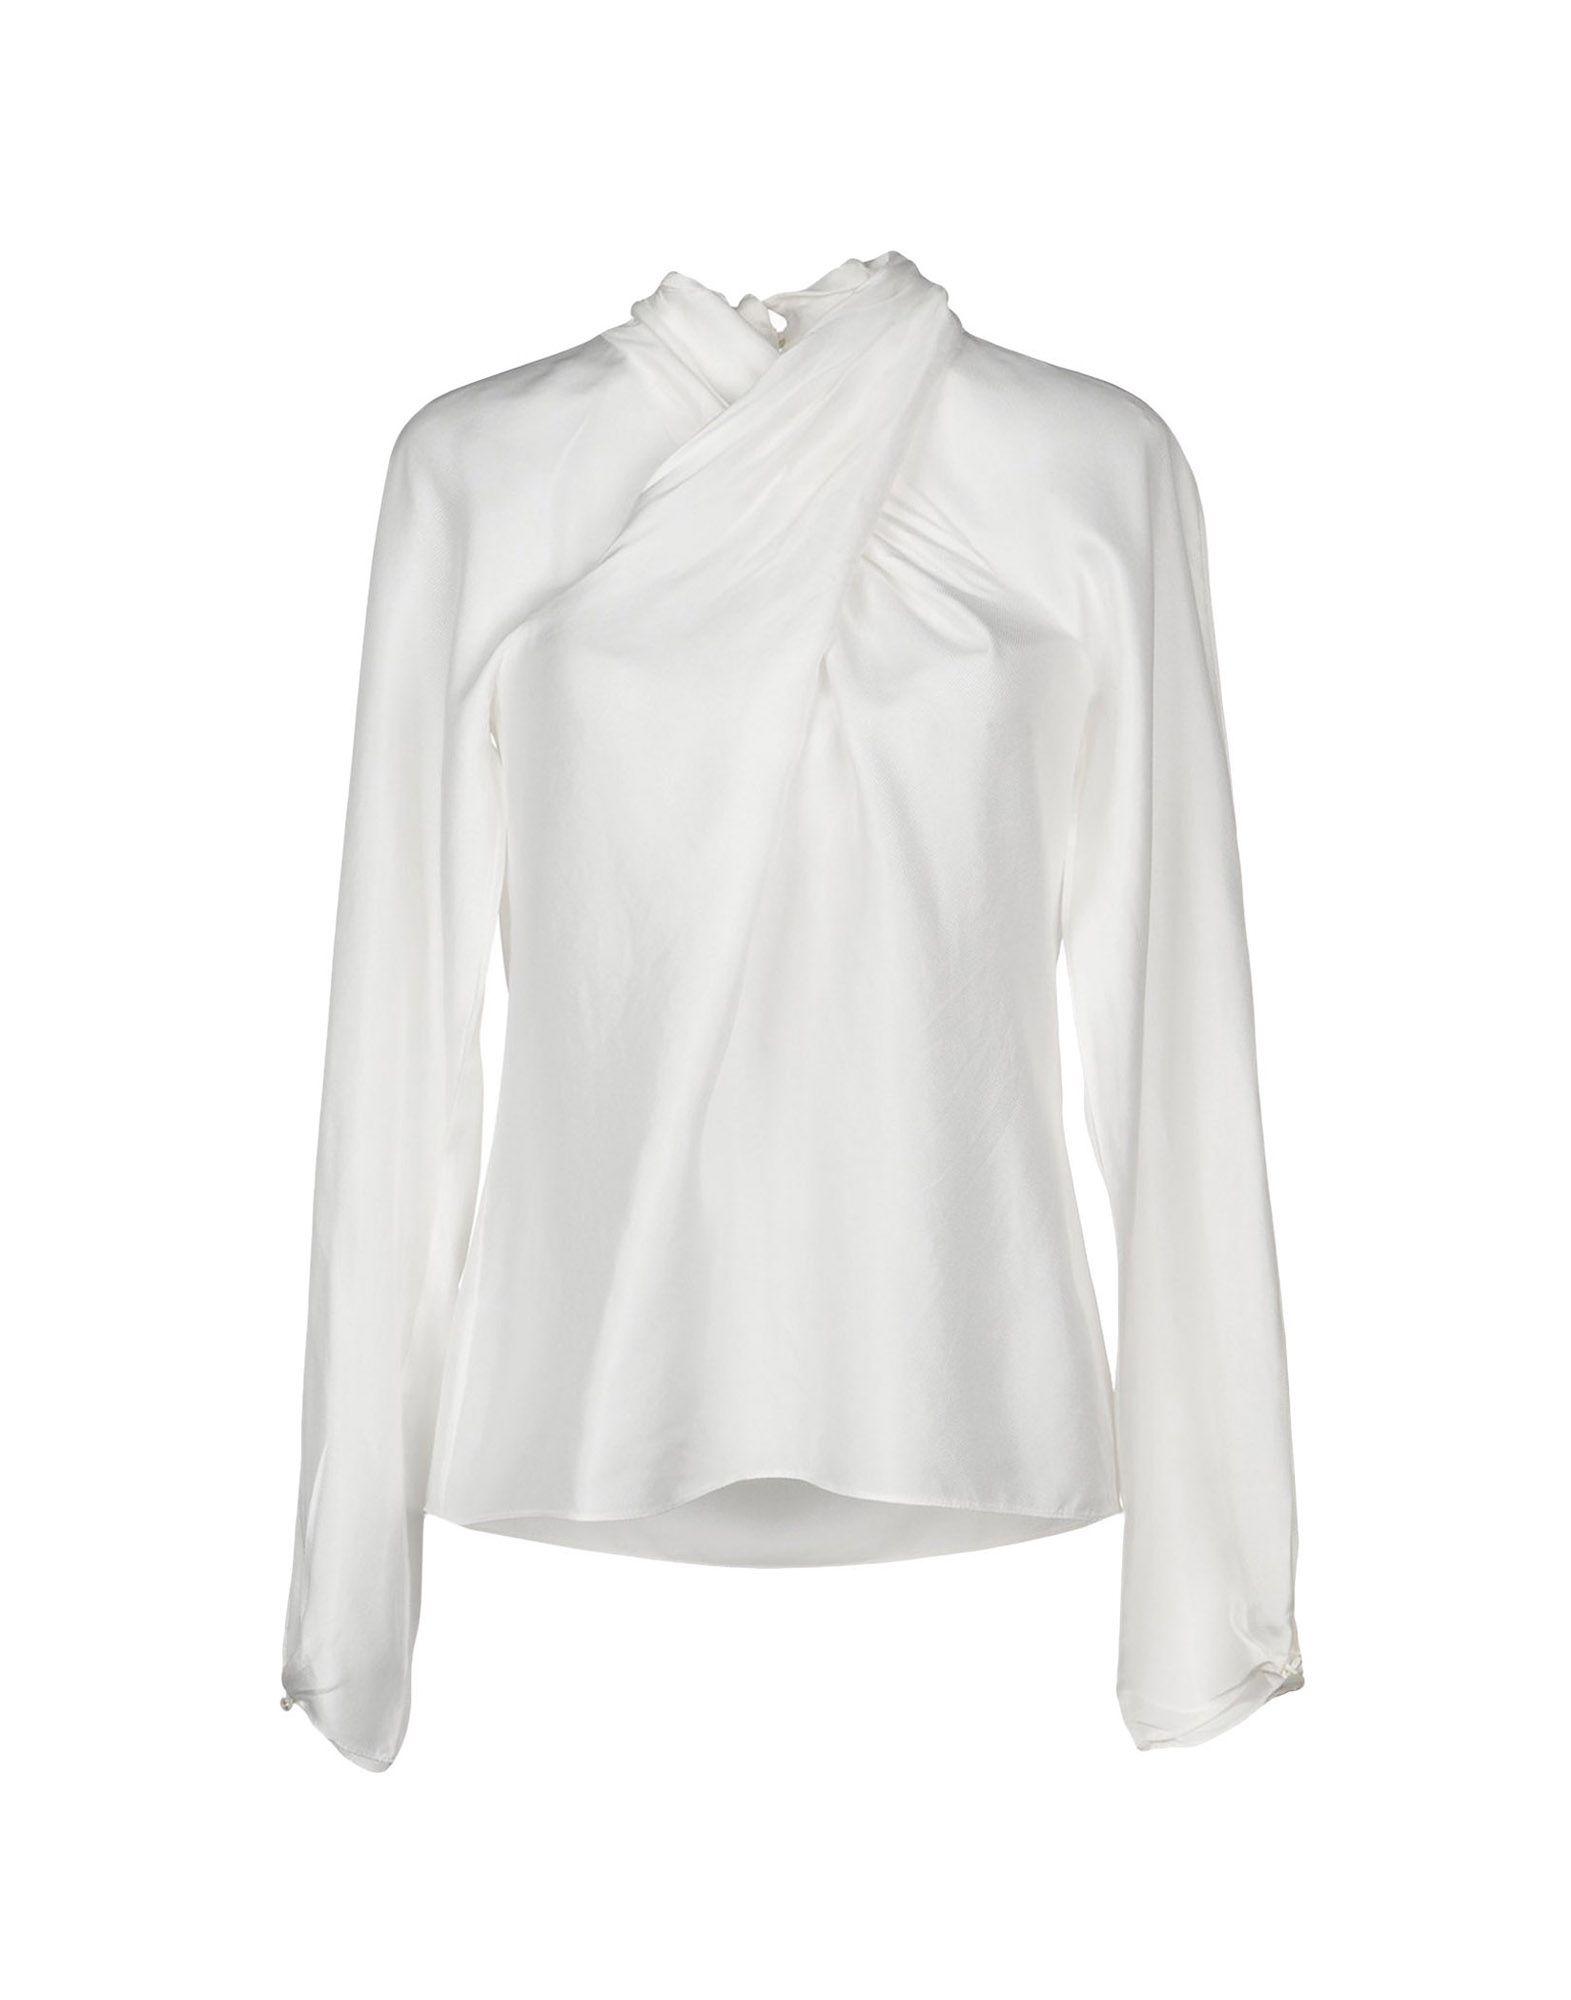 где купить TEMPERLEY LONDON Блузка по лучшей цене